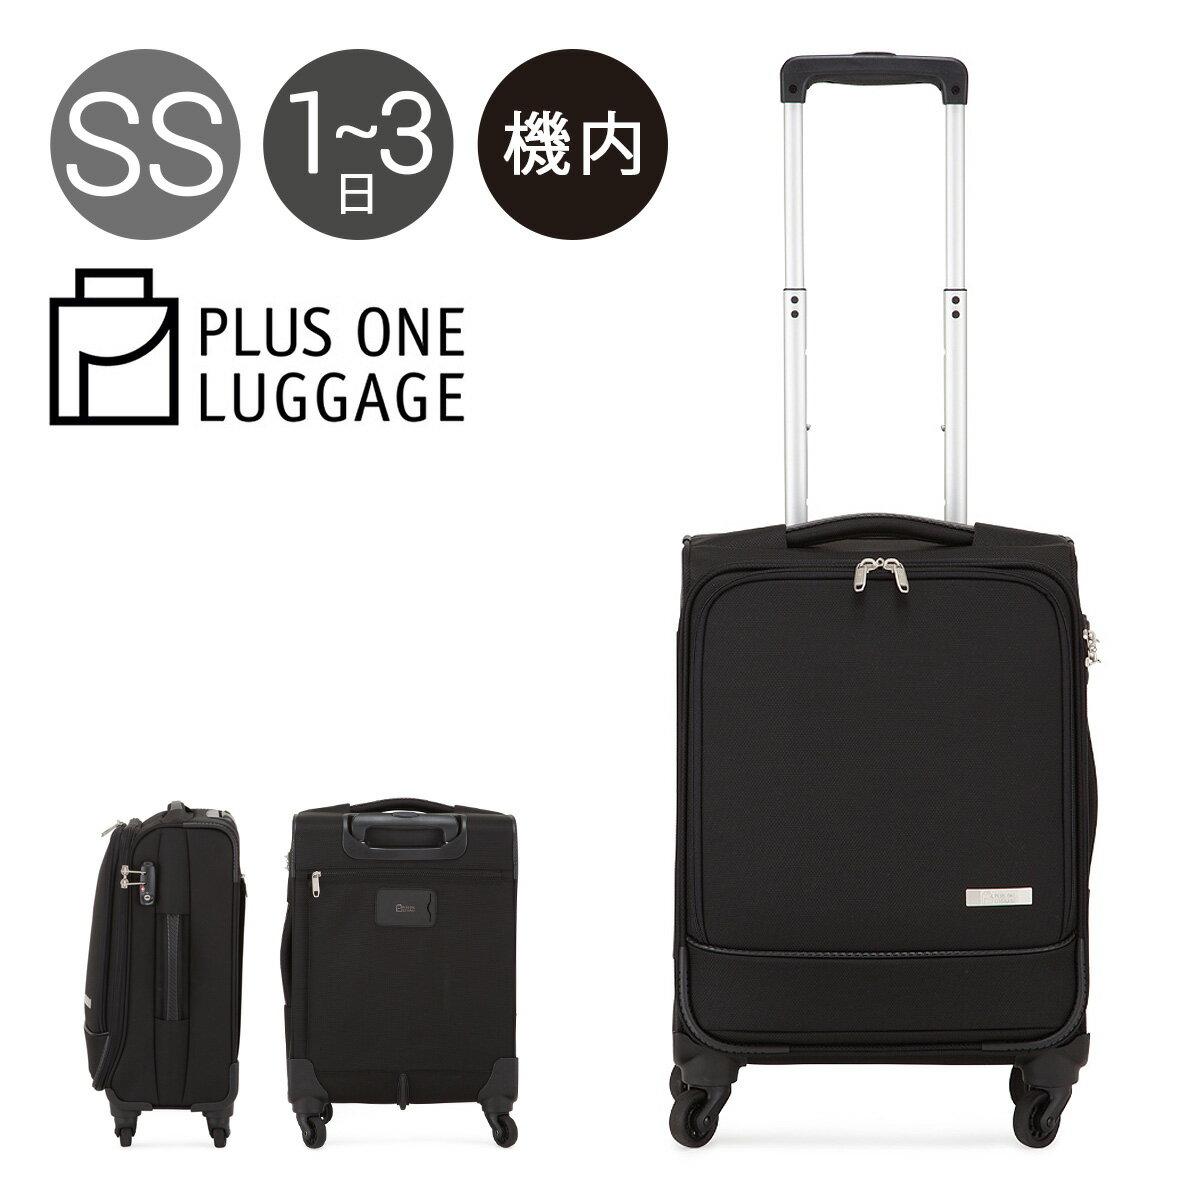 プラスワン スーツケース 3015-46 46cm 【 キャリーケース キャリーバッグ ビジネスキャリー 出張 機内持ち込み可 】